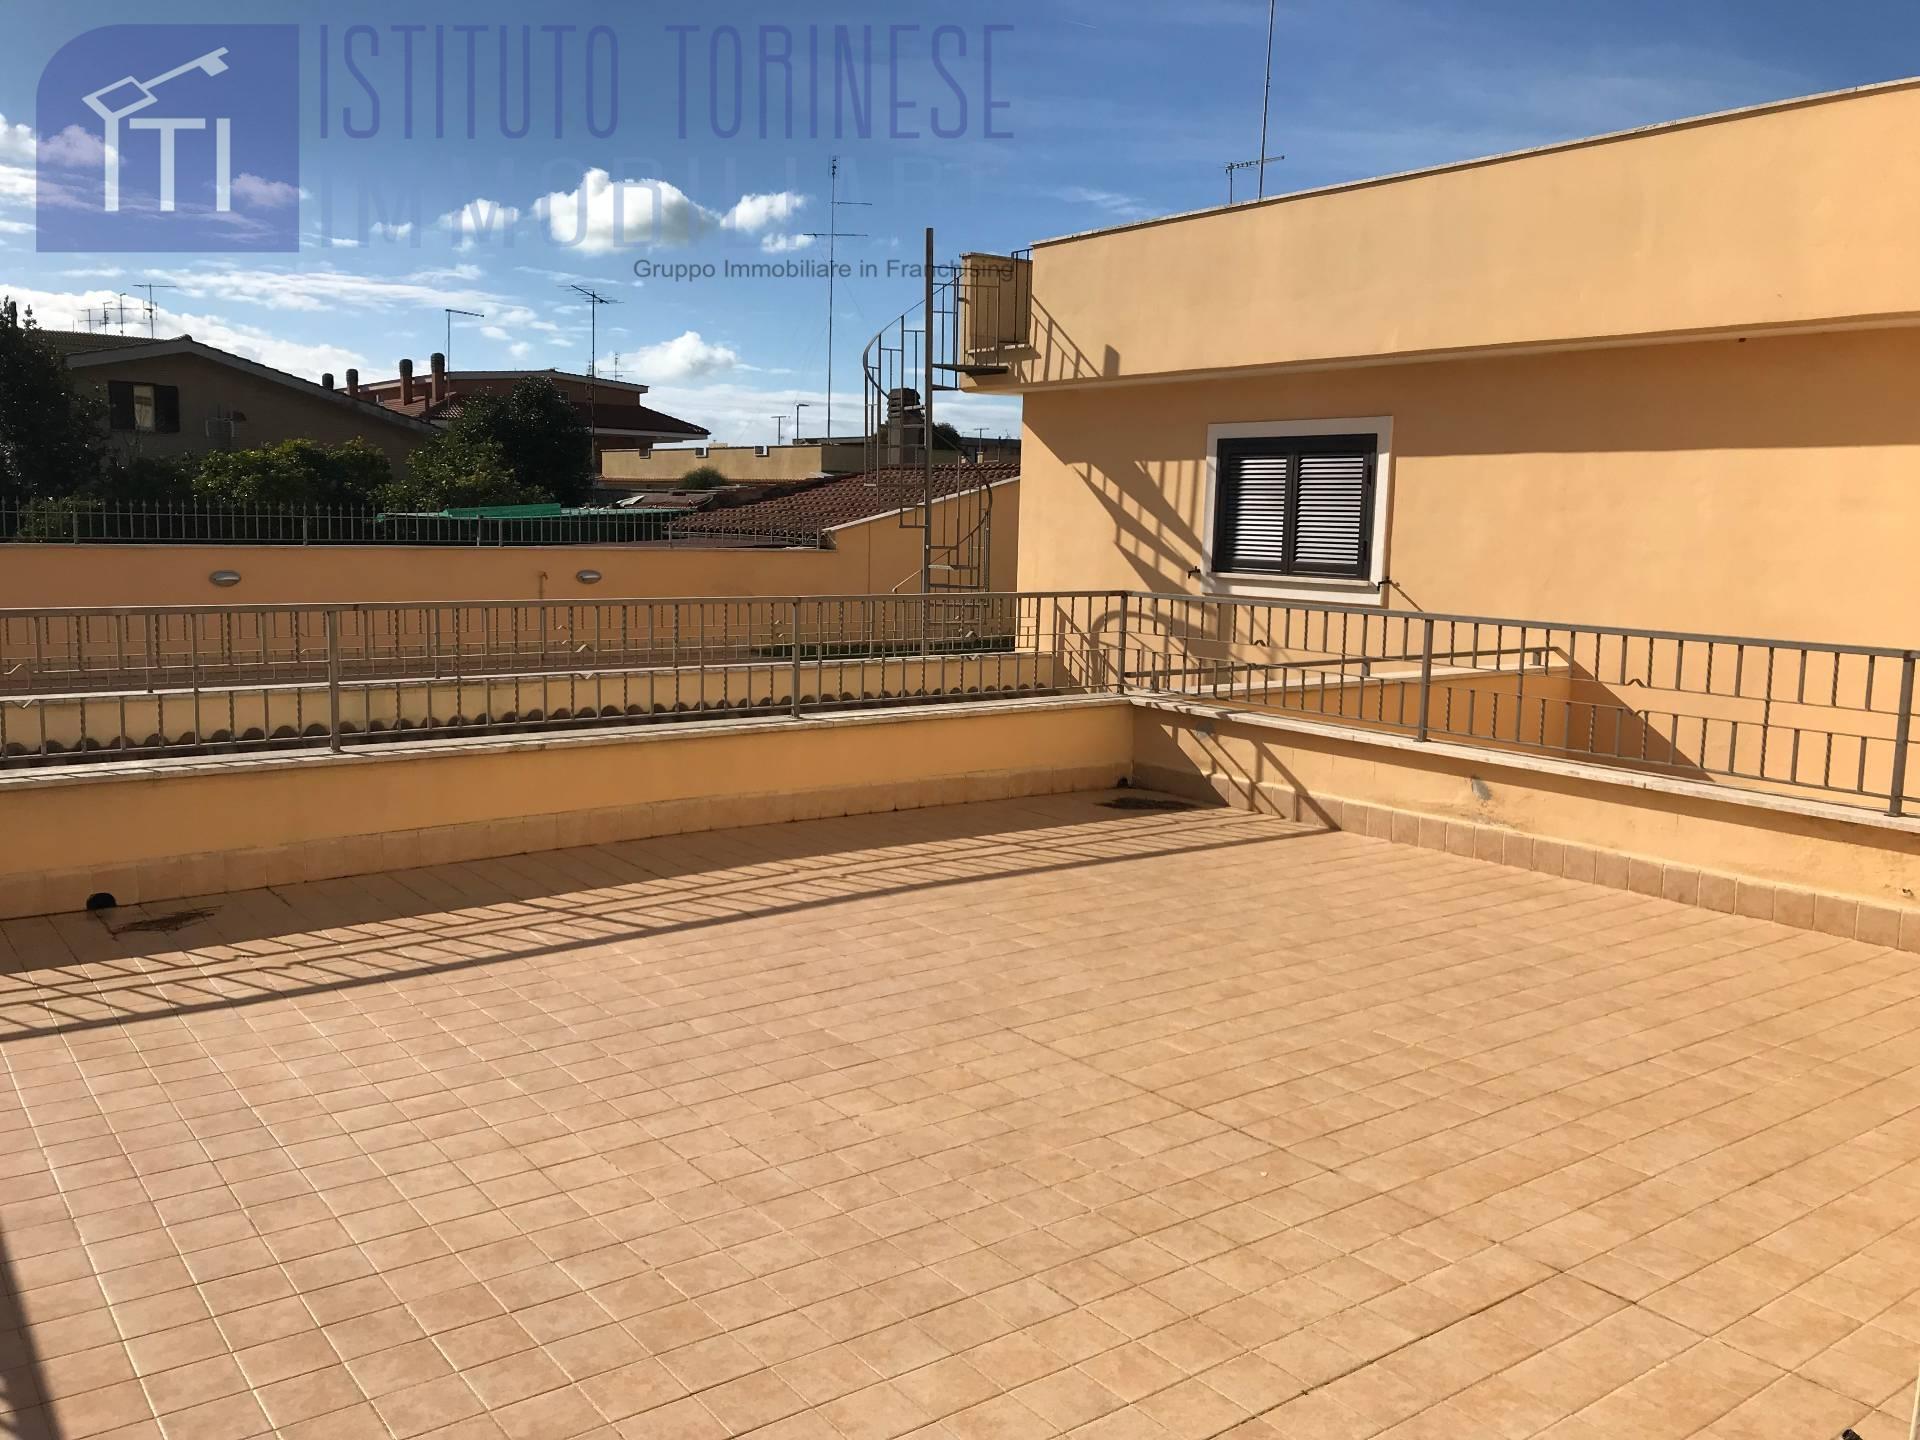 Appartamento in vendita a Pomezia, 3 locali, zona Località: MartinPescatore, prezzo € 145.000 | CambioCasa.it